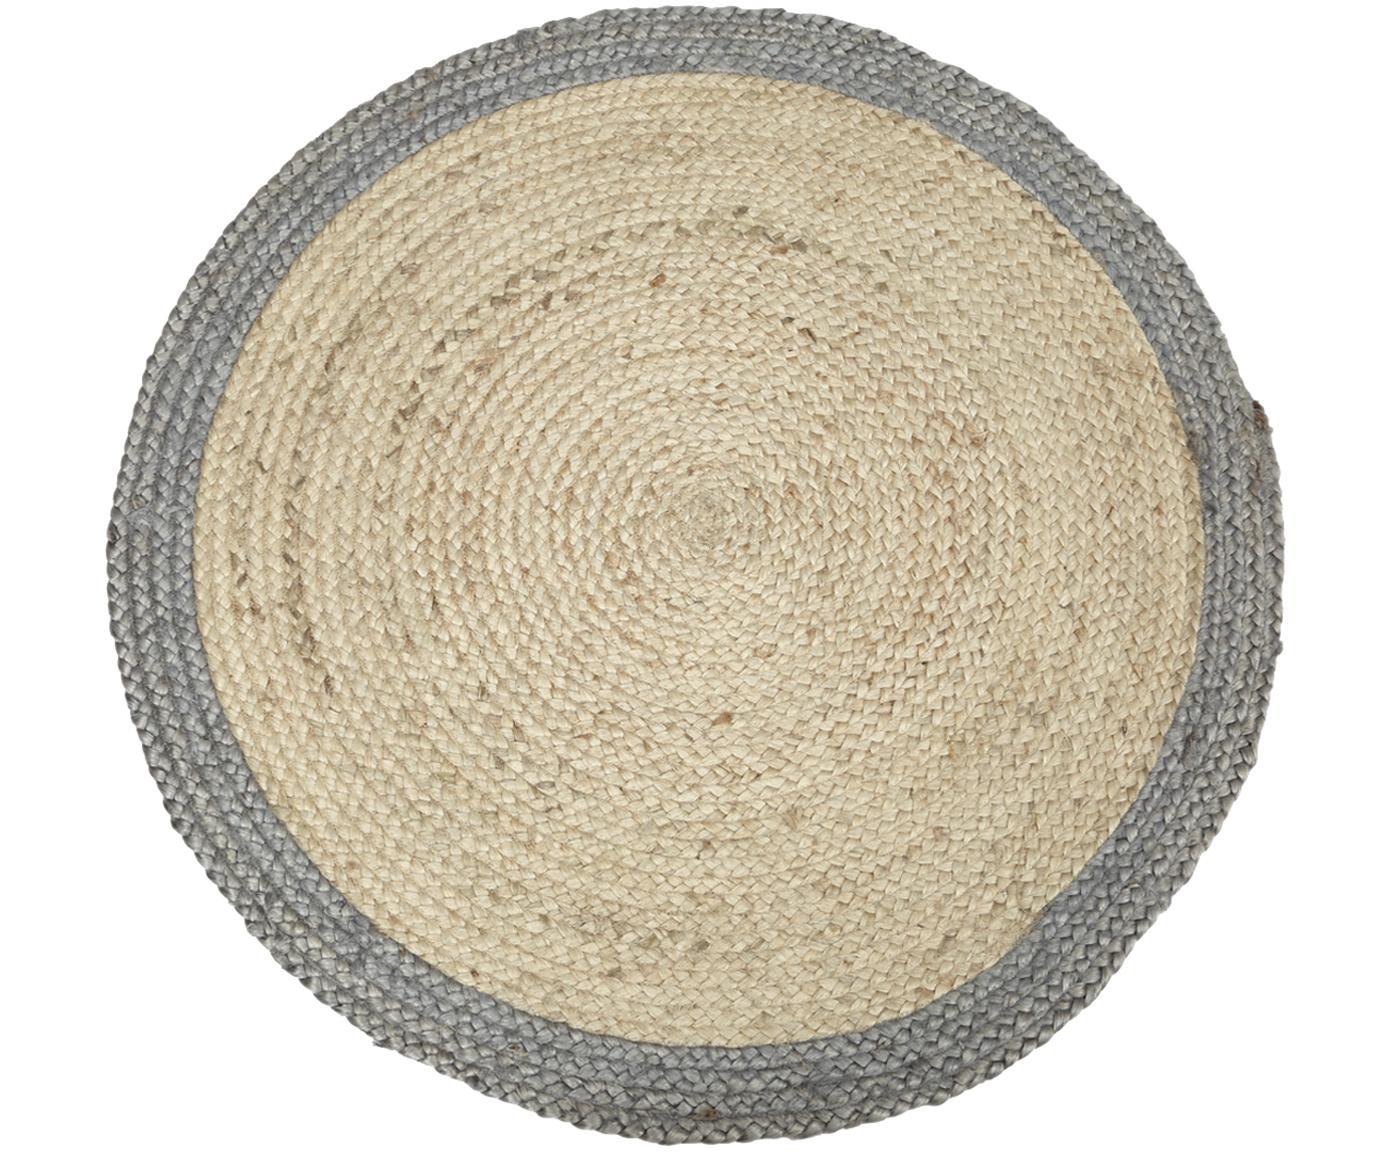 Runder Jute-Teppich Shanta mit grauem Rand, handgefertigt, Beige, Grau, Ø 100 cm (Grösse XS)